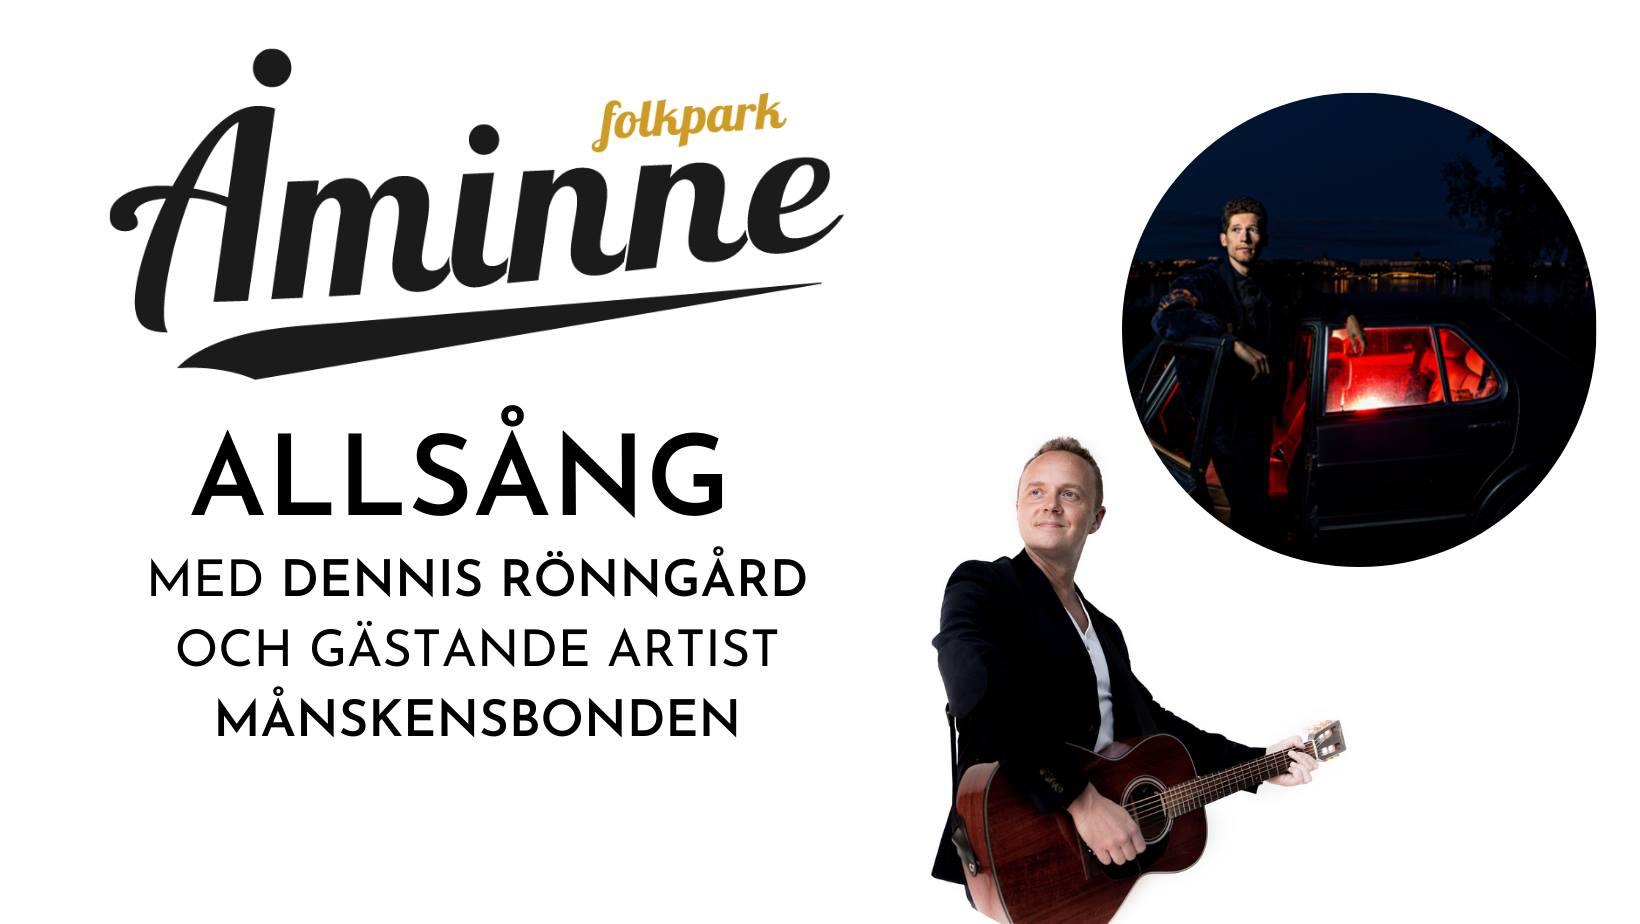 Allsång med Dennis Rönngård